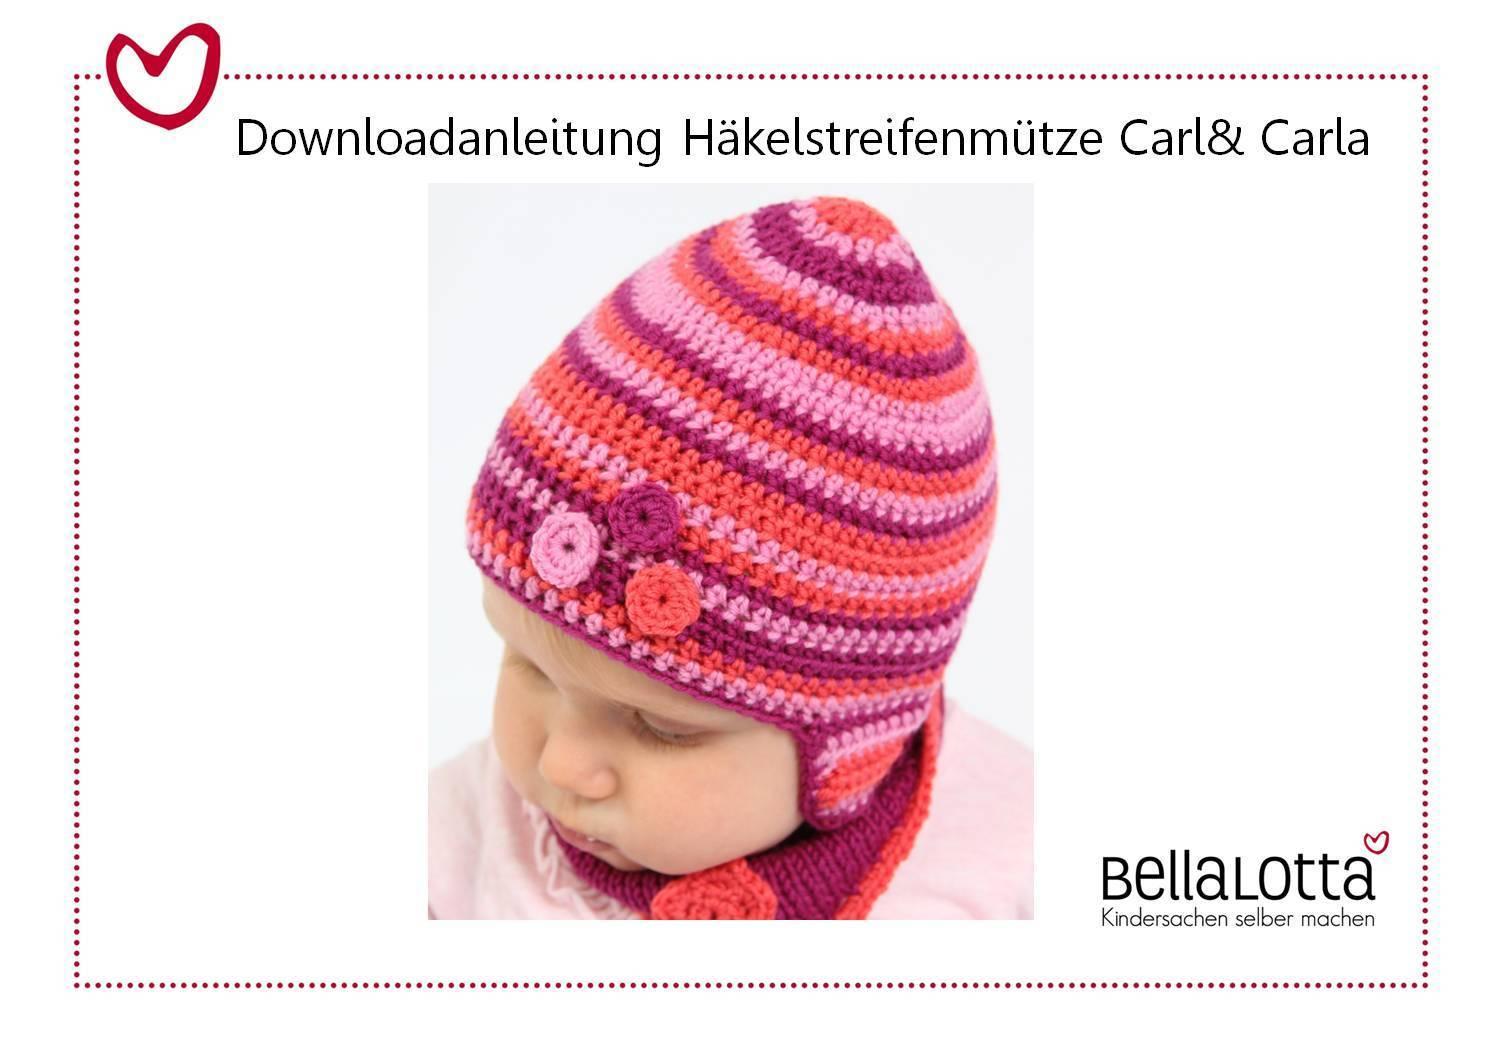 Babymützen Bellalotta